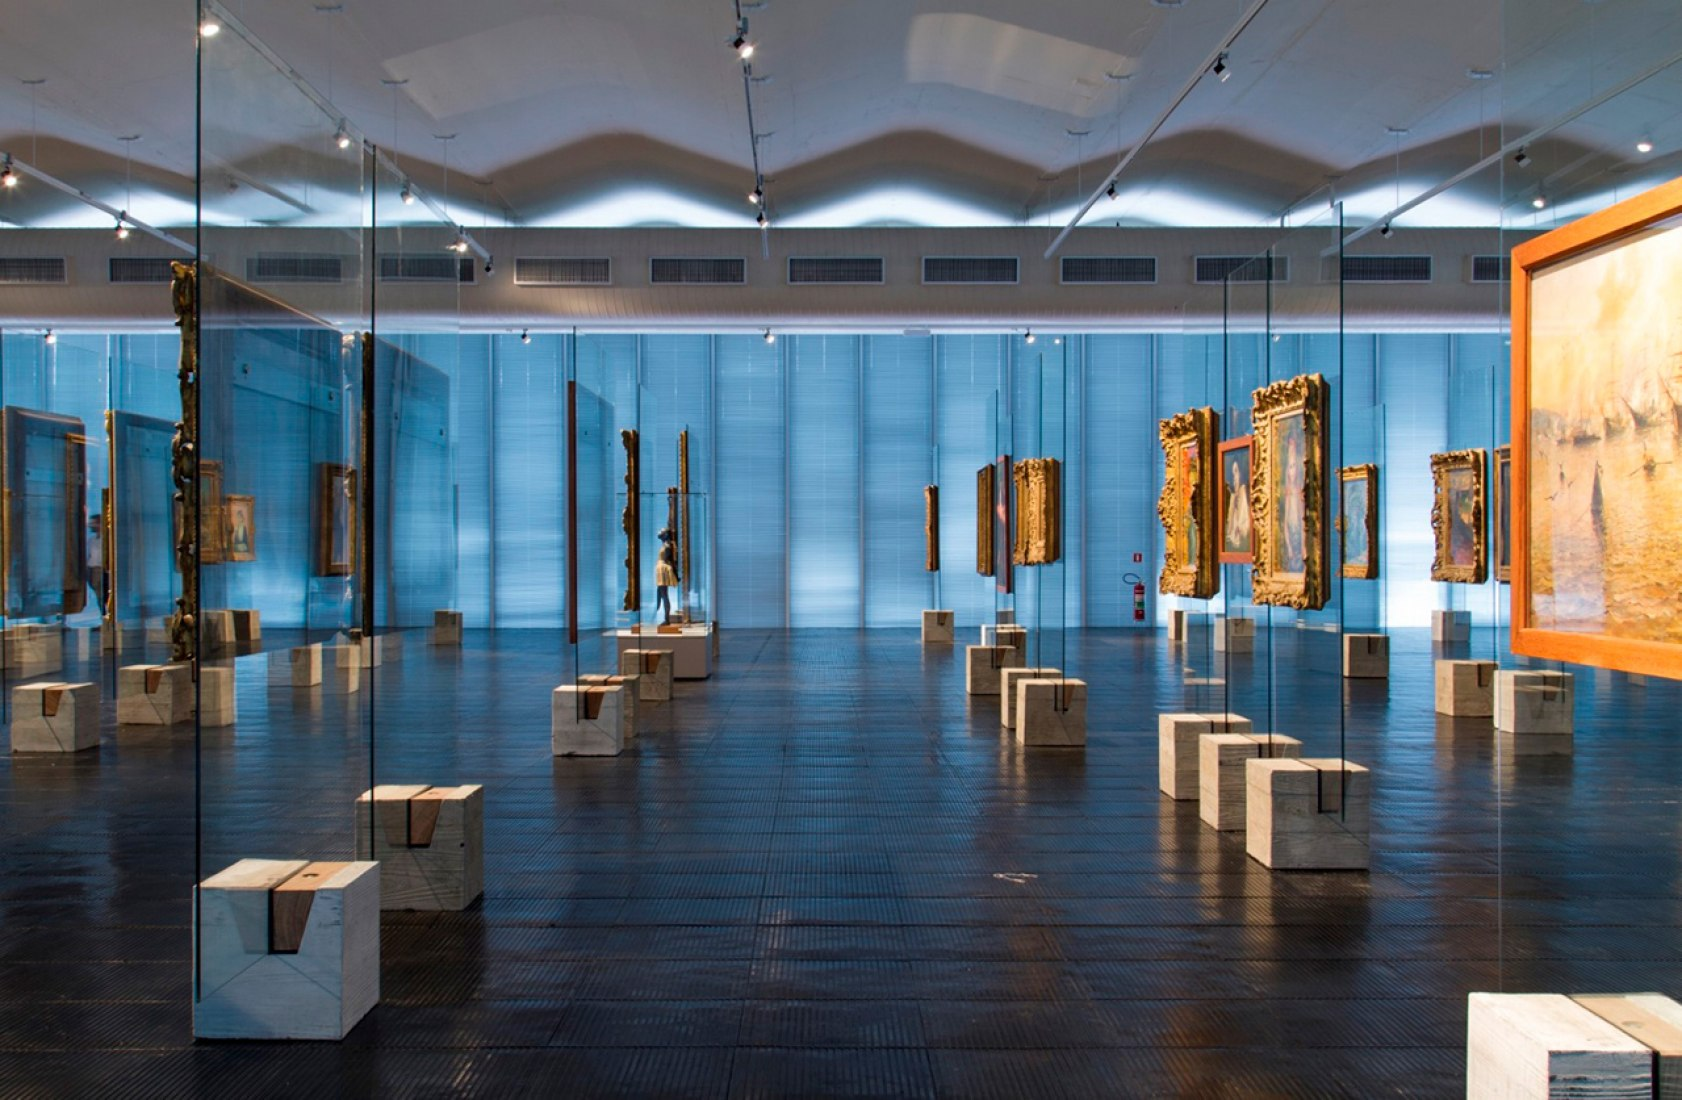 Vista de la galería de arte MASP en diciembre 2015. Fotografía © Romulo Baratto. Imagen cortesía de Metro Arquitetos.